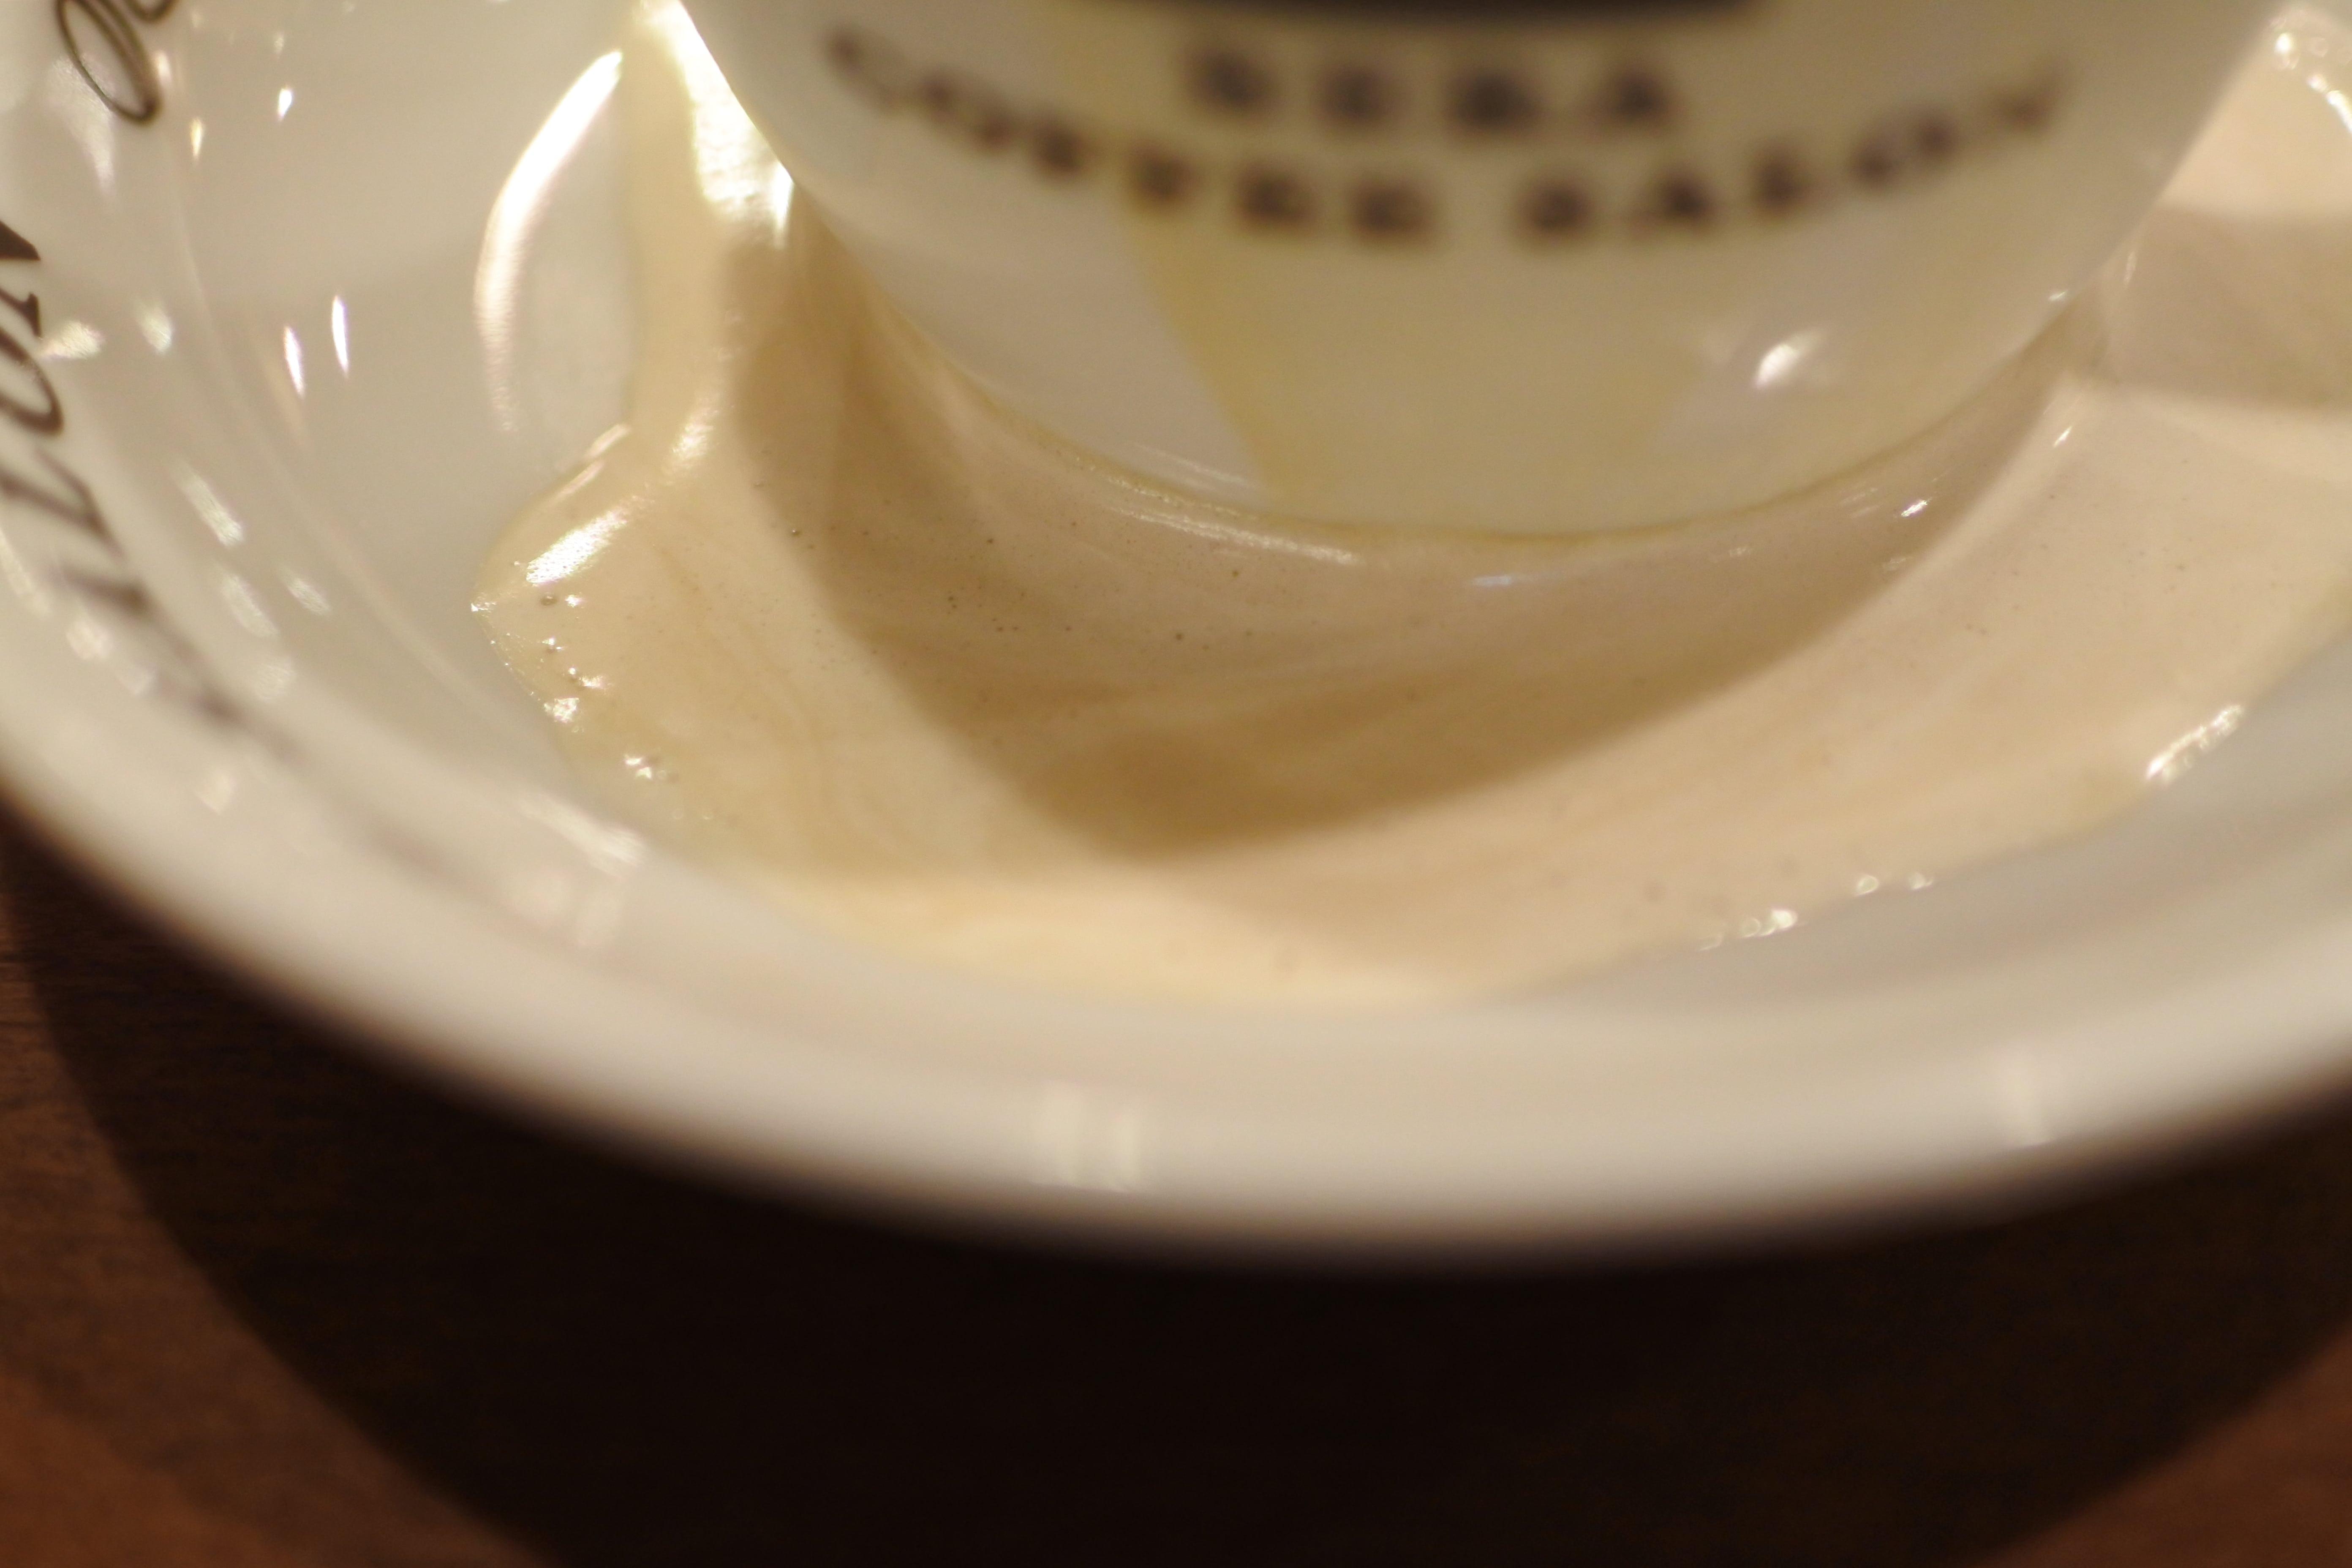 ウインナーコーヒー べら珈琲店 生クリーム